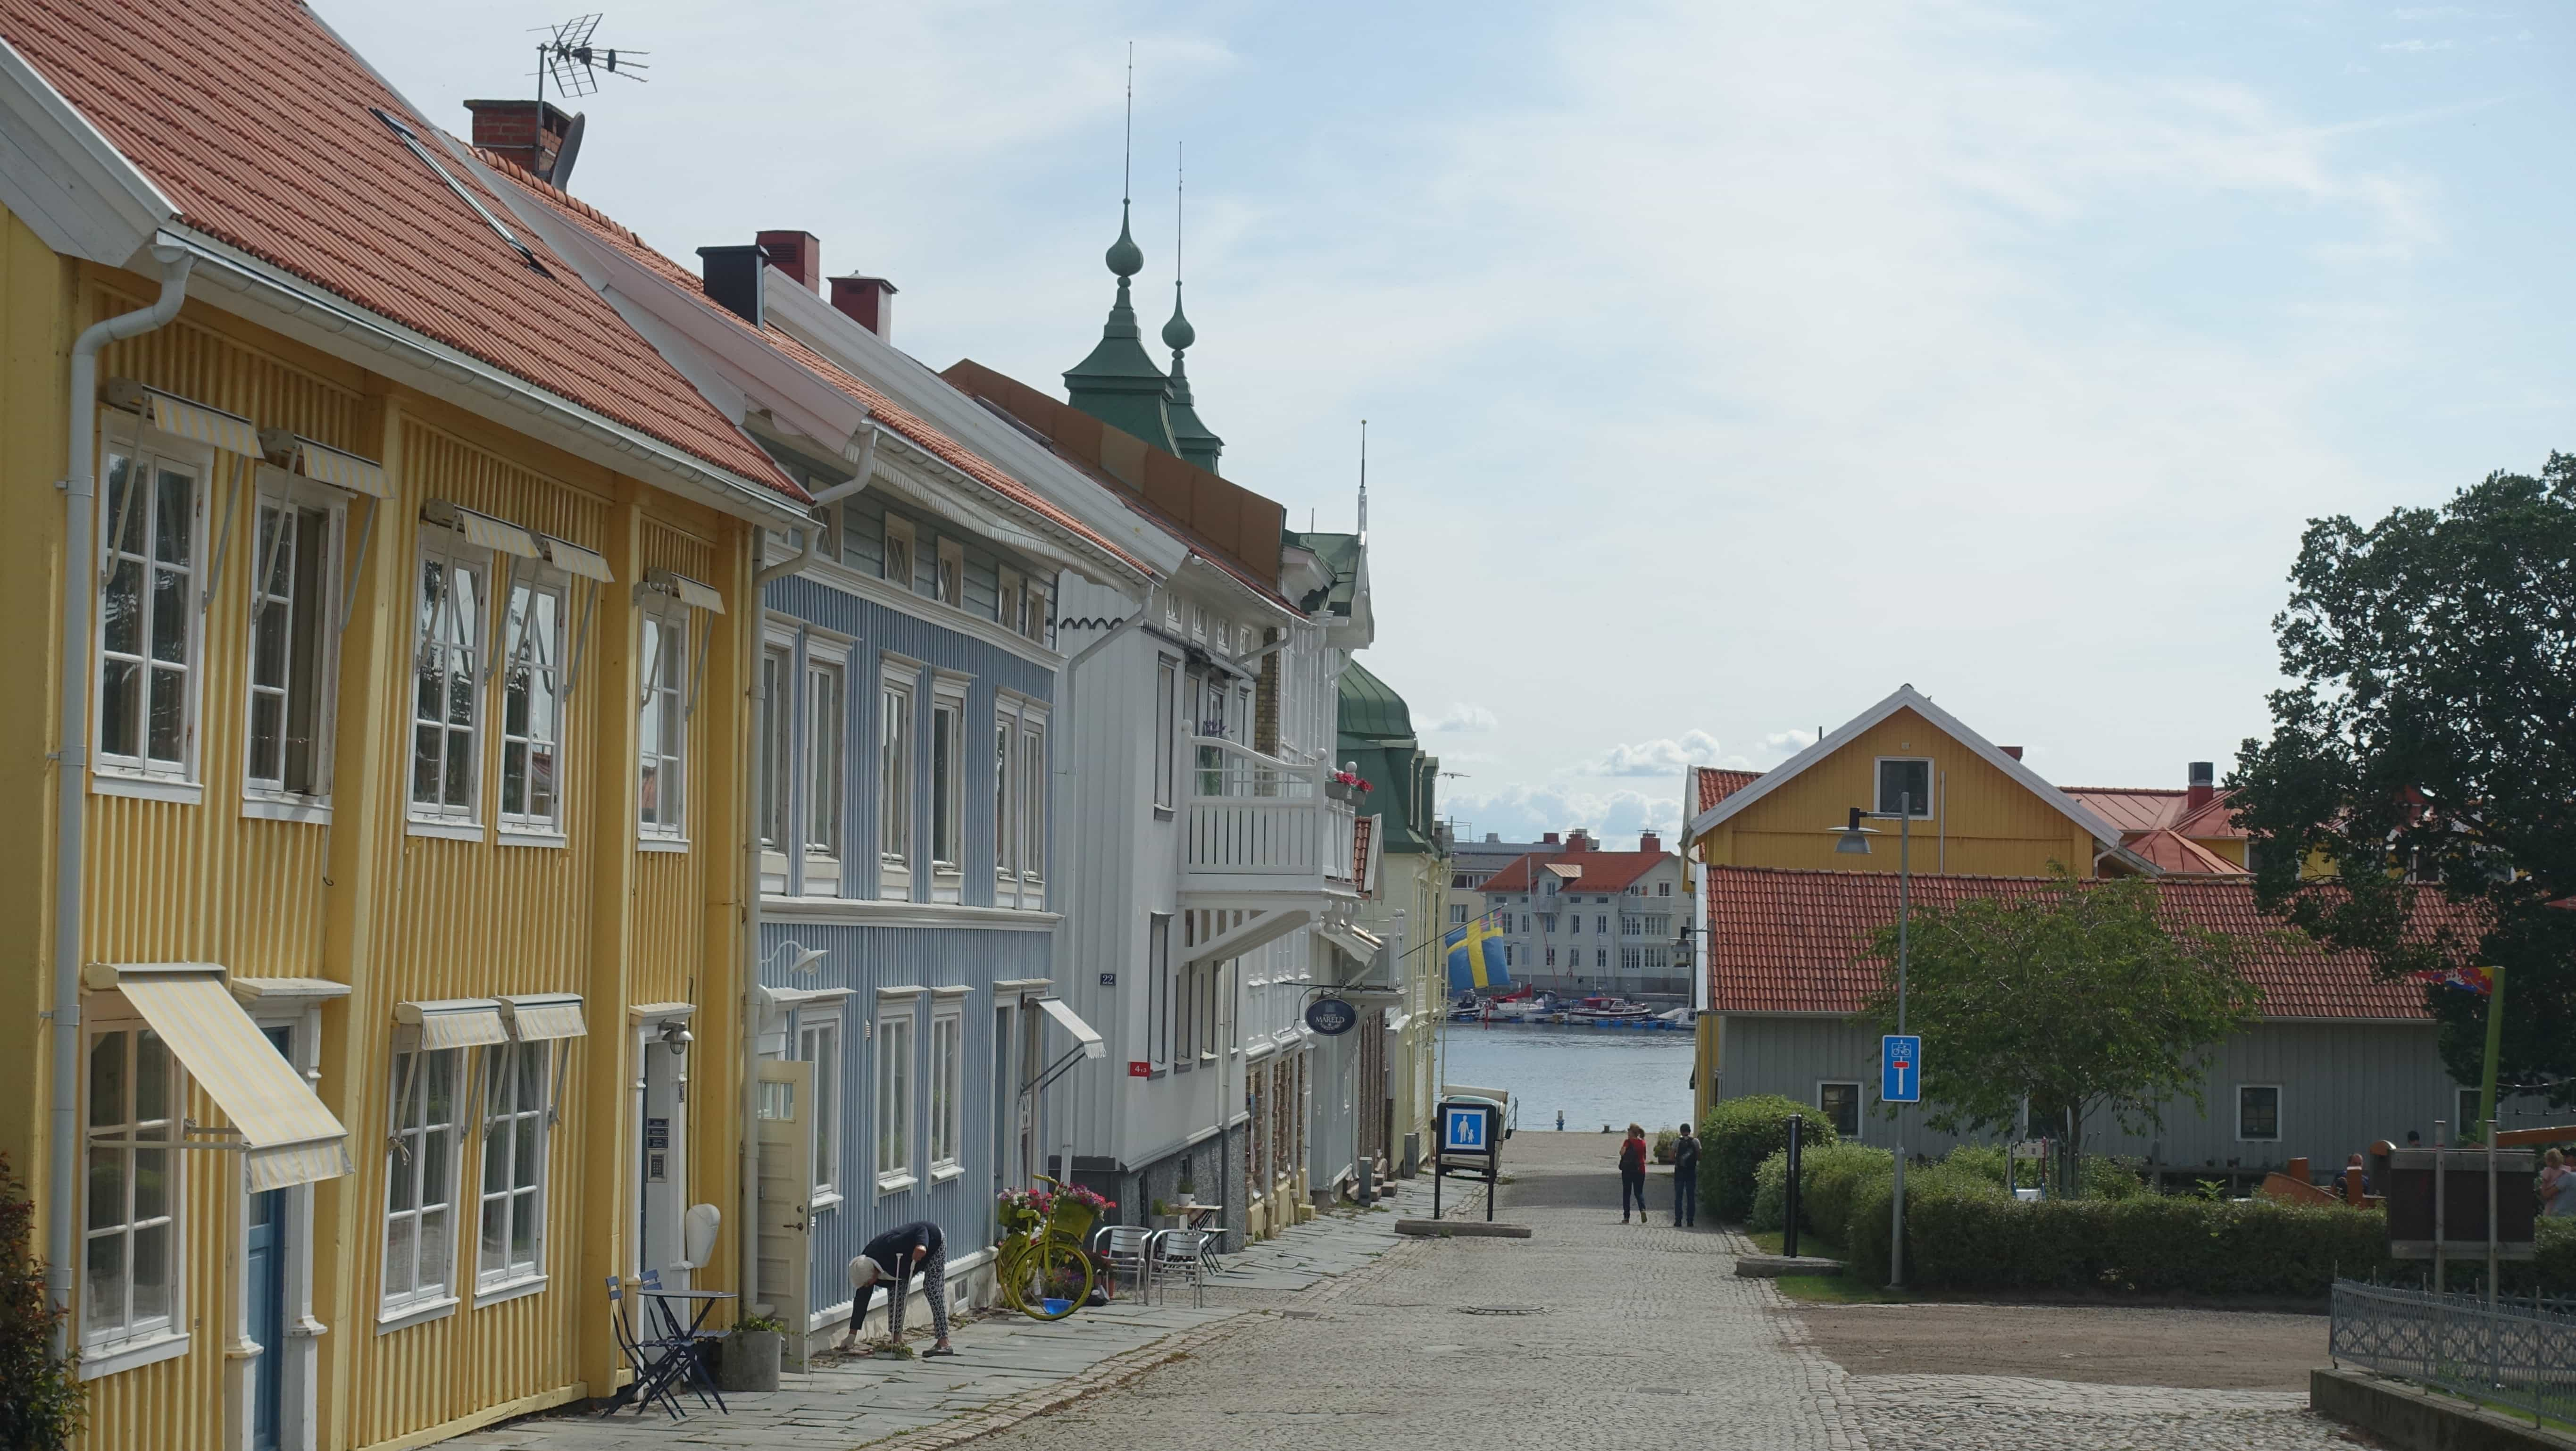 Bunte Häuser und enge Gassen sind typisch für Marstrand.